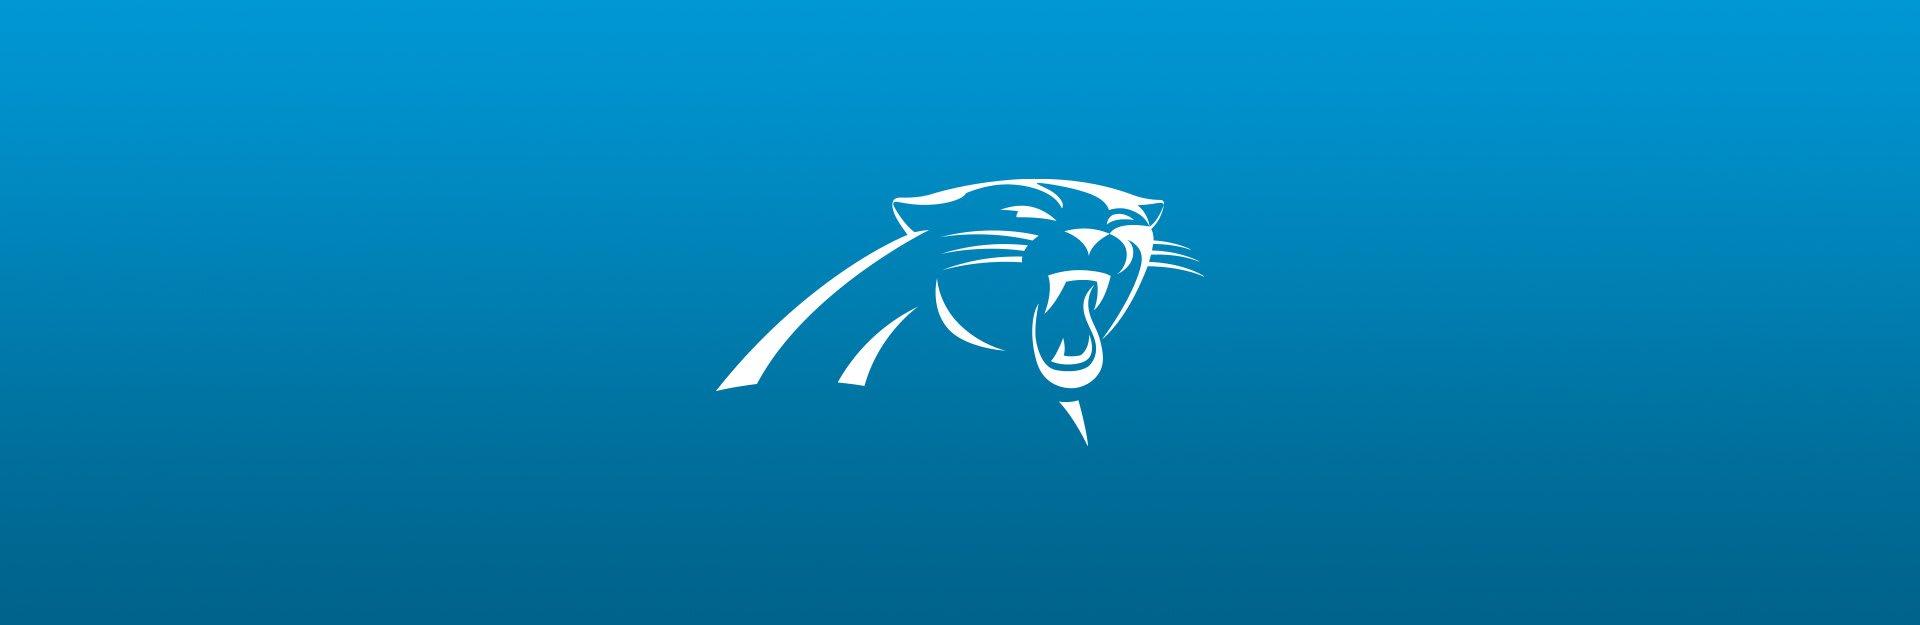 Carolina Panthers logo on blue background